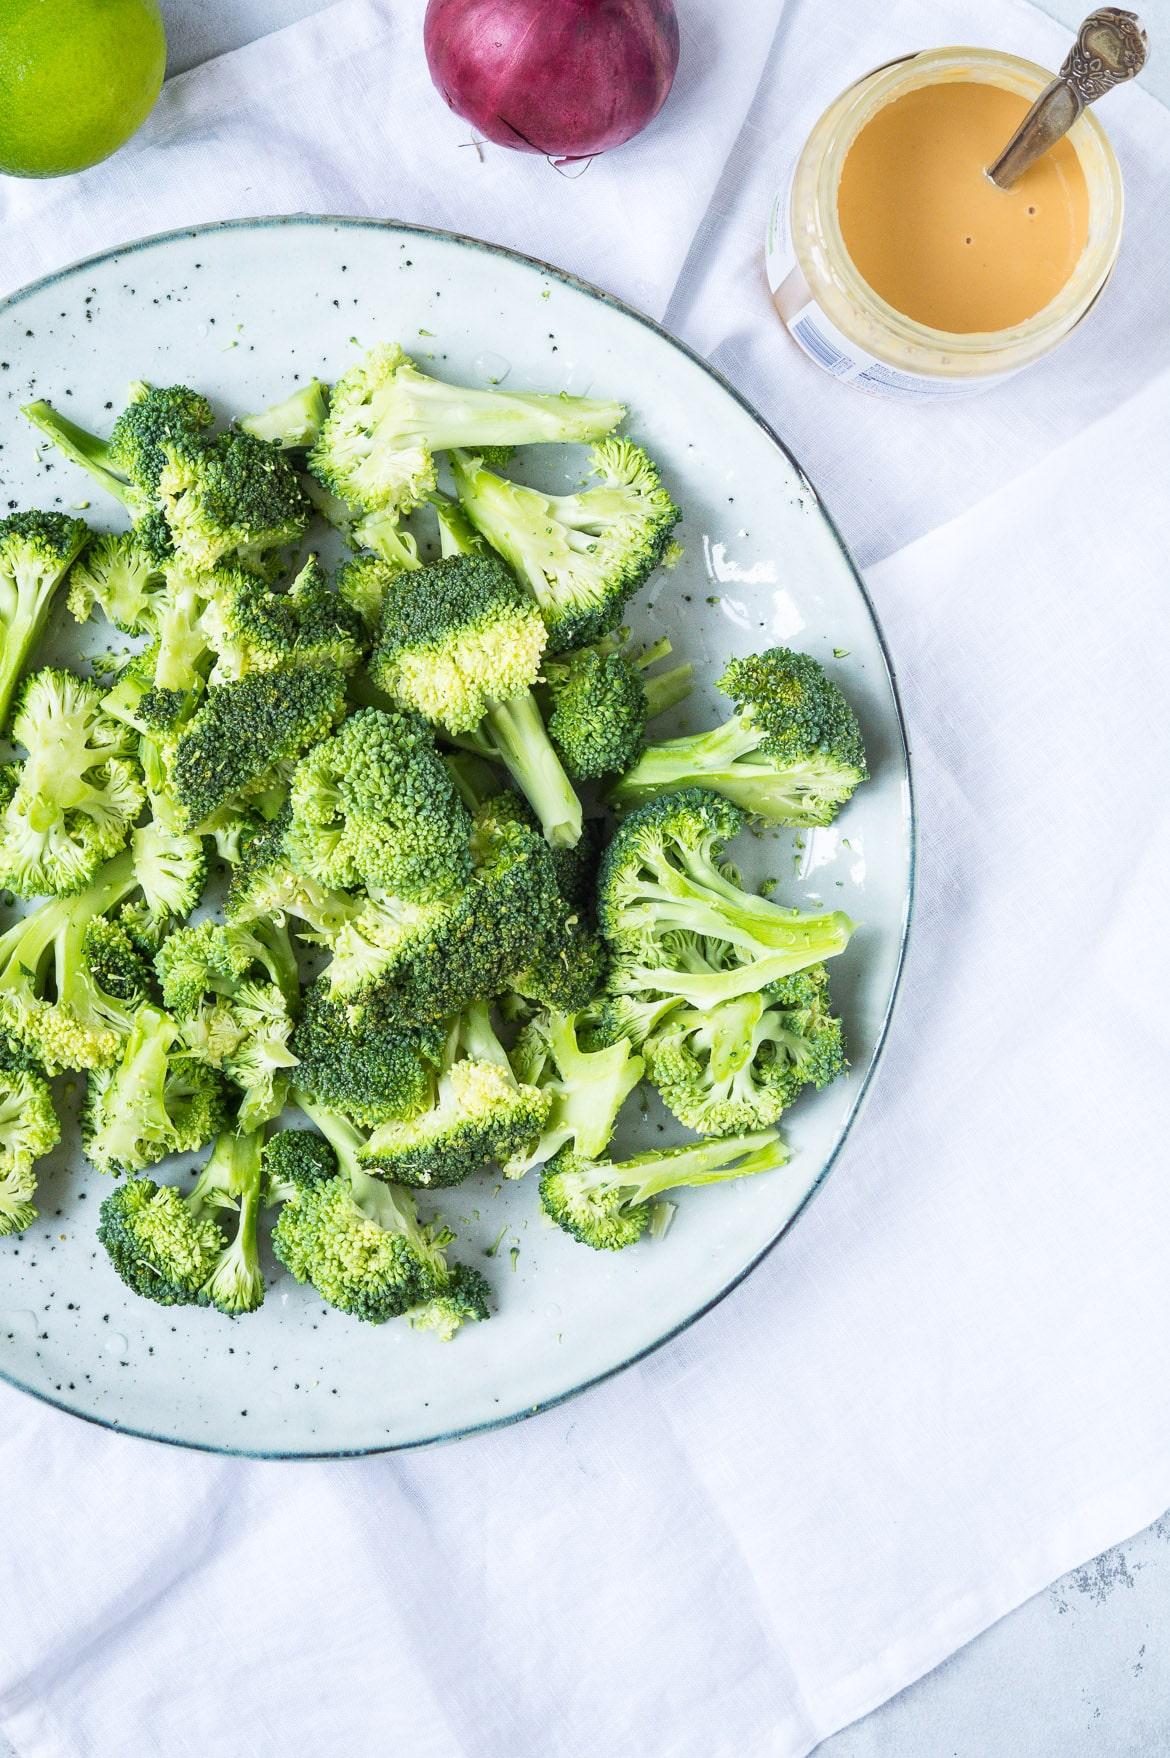 Broccolisalat med peanutbutterdressing og soyamandler